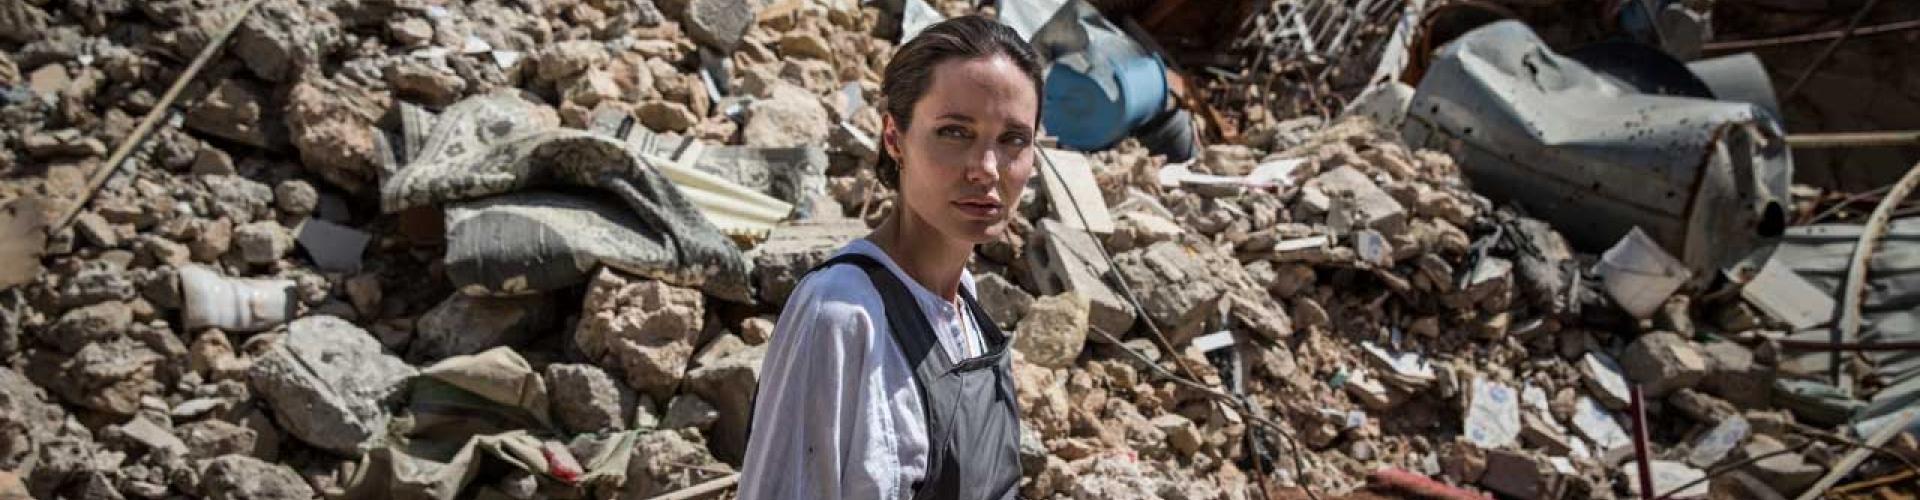 Statement by UNHCR Special Envoy Angelina Jolie at Domiz refugee camp in Iraq.